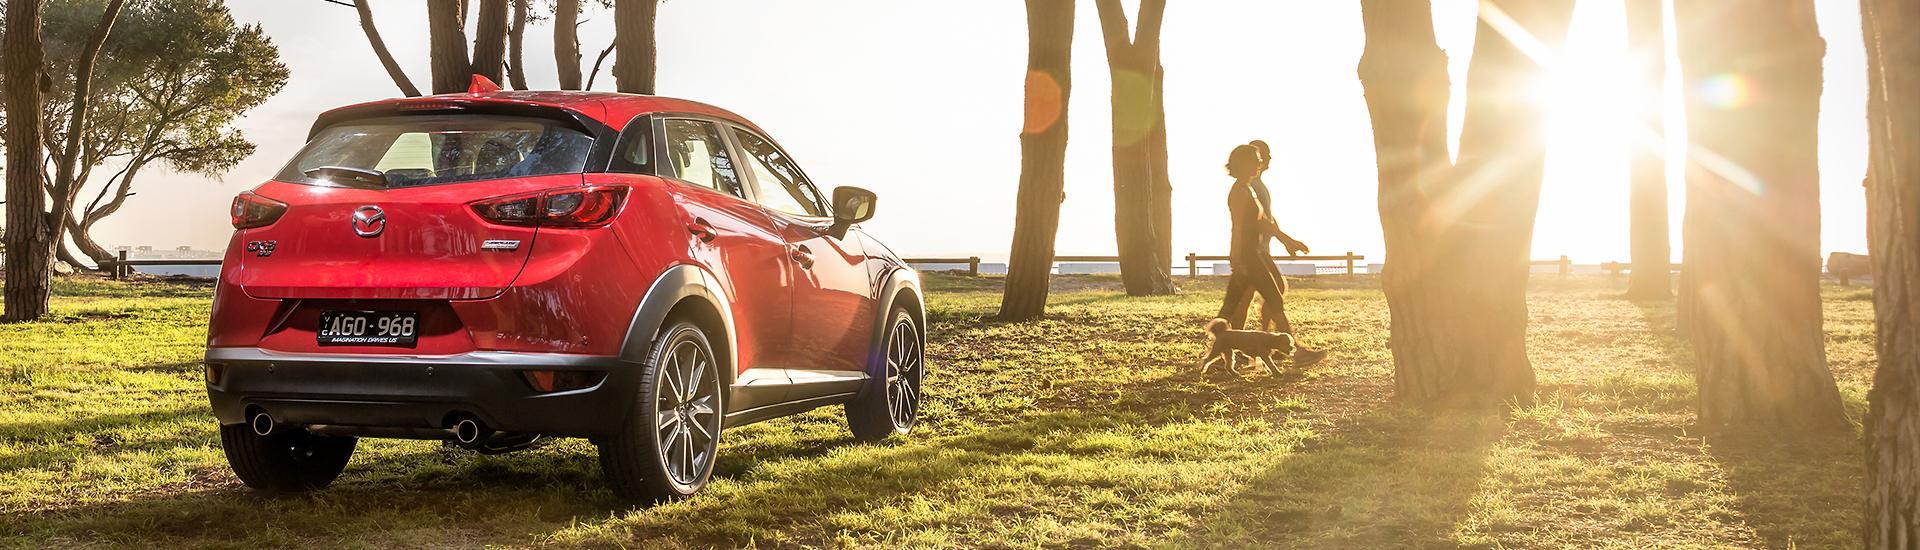 New Mazda CX-3 SUV Cars For Sale - carsales.com.au